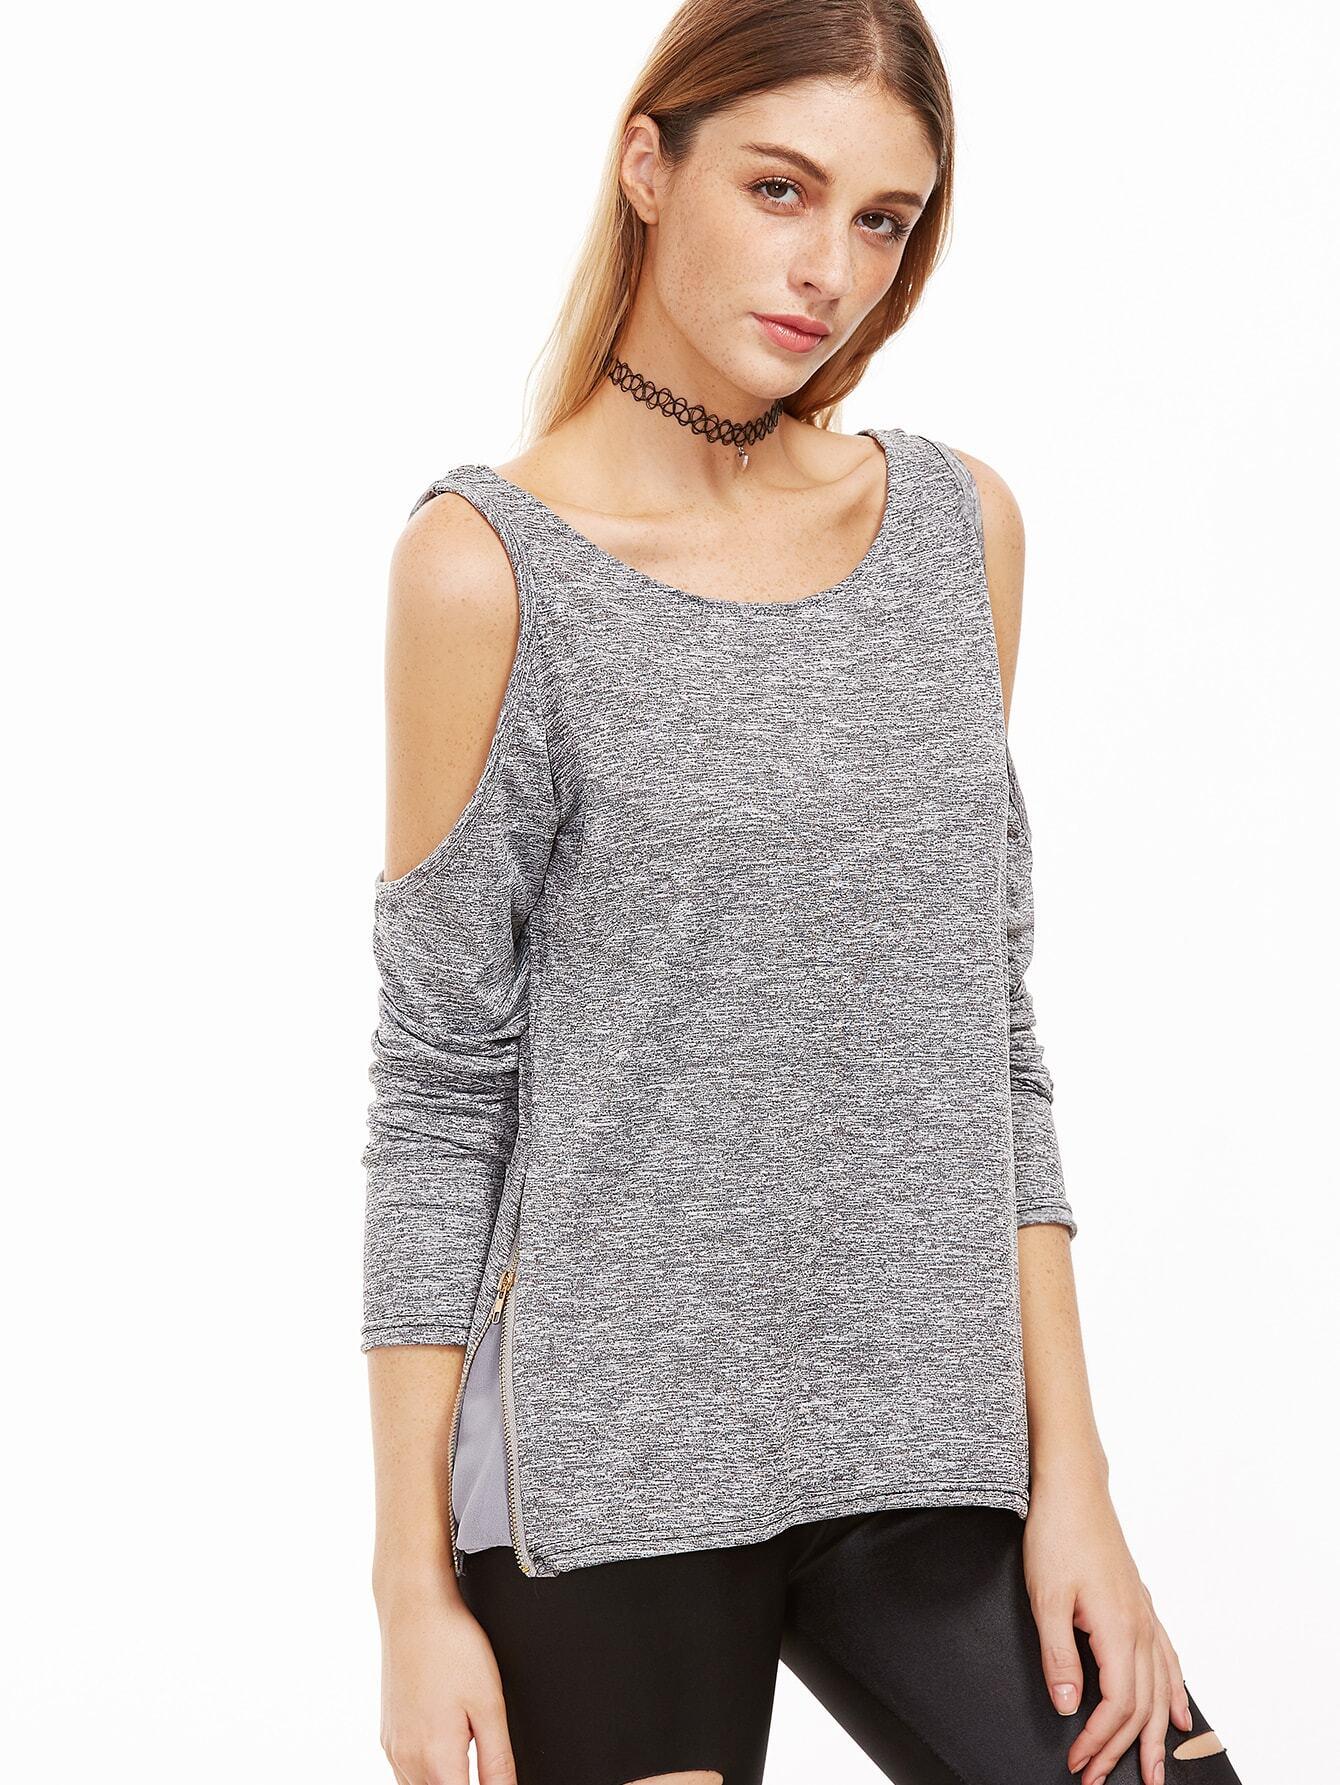 Grey Open Shoulder Zip Side T-shirtGrey Open Shoulder Zip Side T-shirt<br><br>color: Grey<br>size: L,M,S,XL